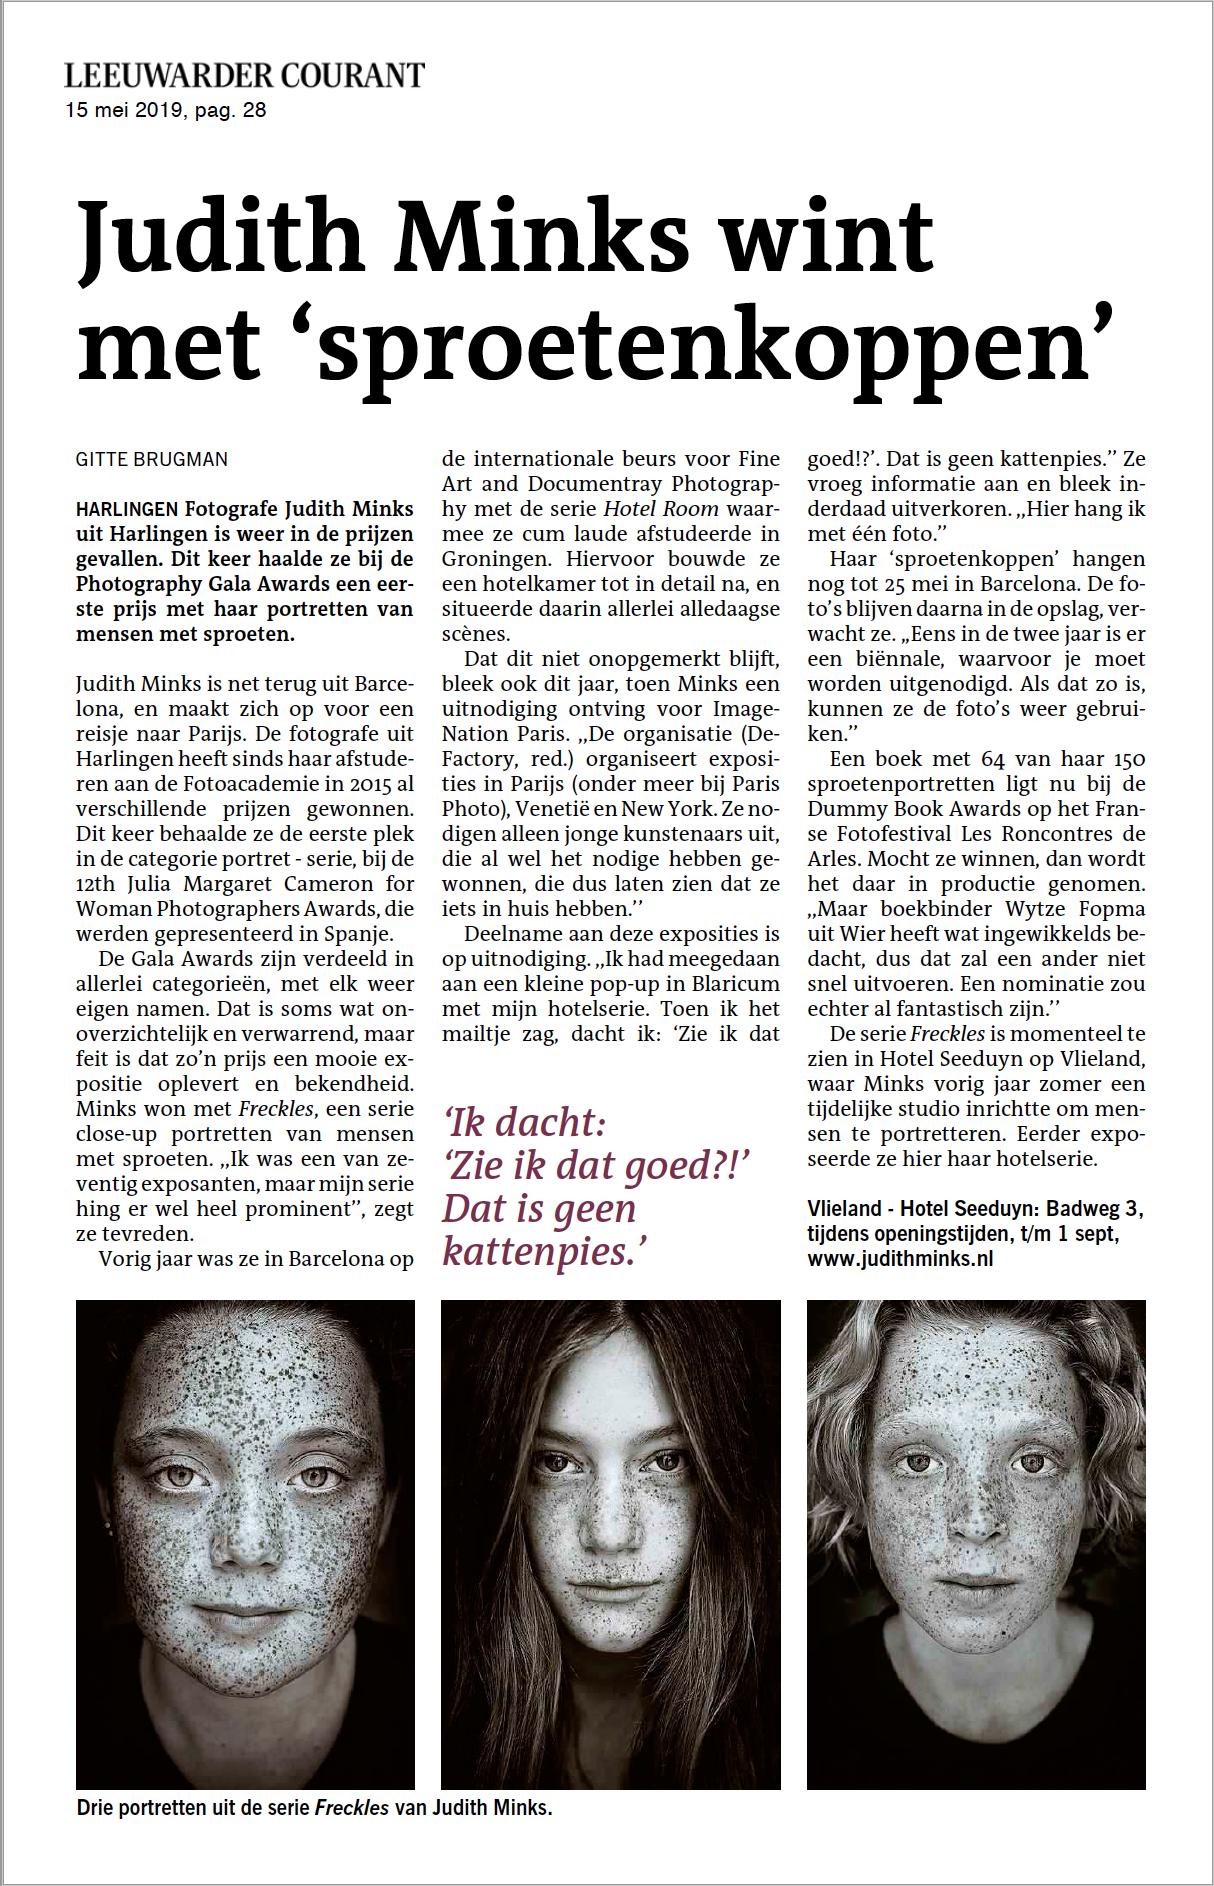 Judith Minks wint met sproetenkoppen - Leeuwarder Courant 15 mei 2019